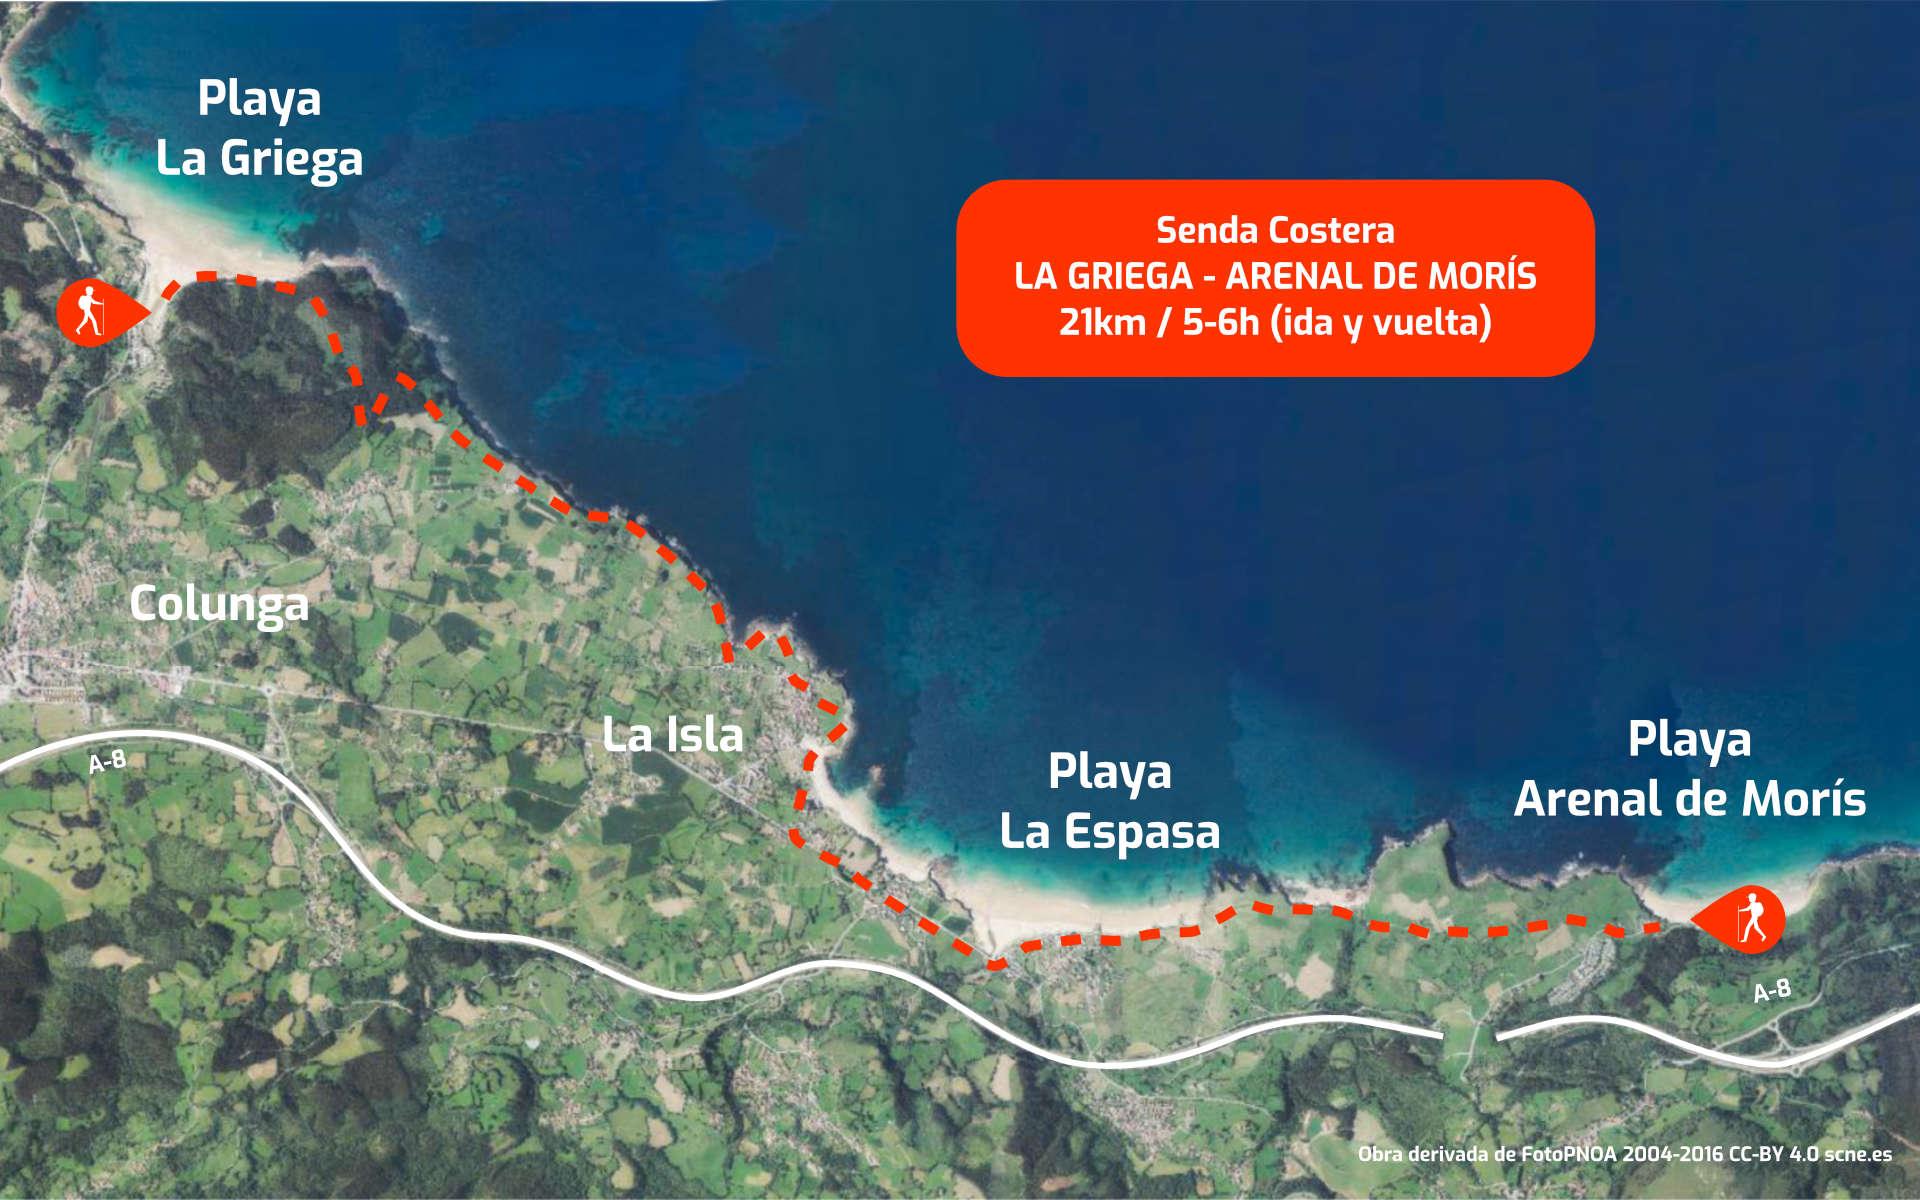 Mapa recorrido de la Senda Costera entre Playa de La Griega (Colunga) y Arenal de Morís (Caravia), en Asturias